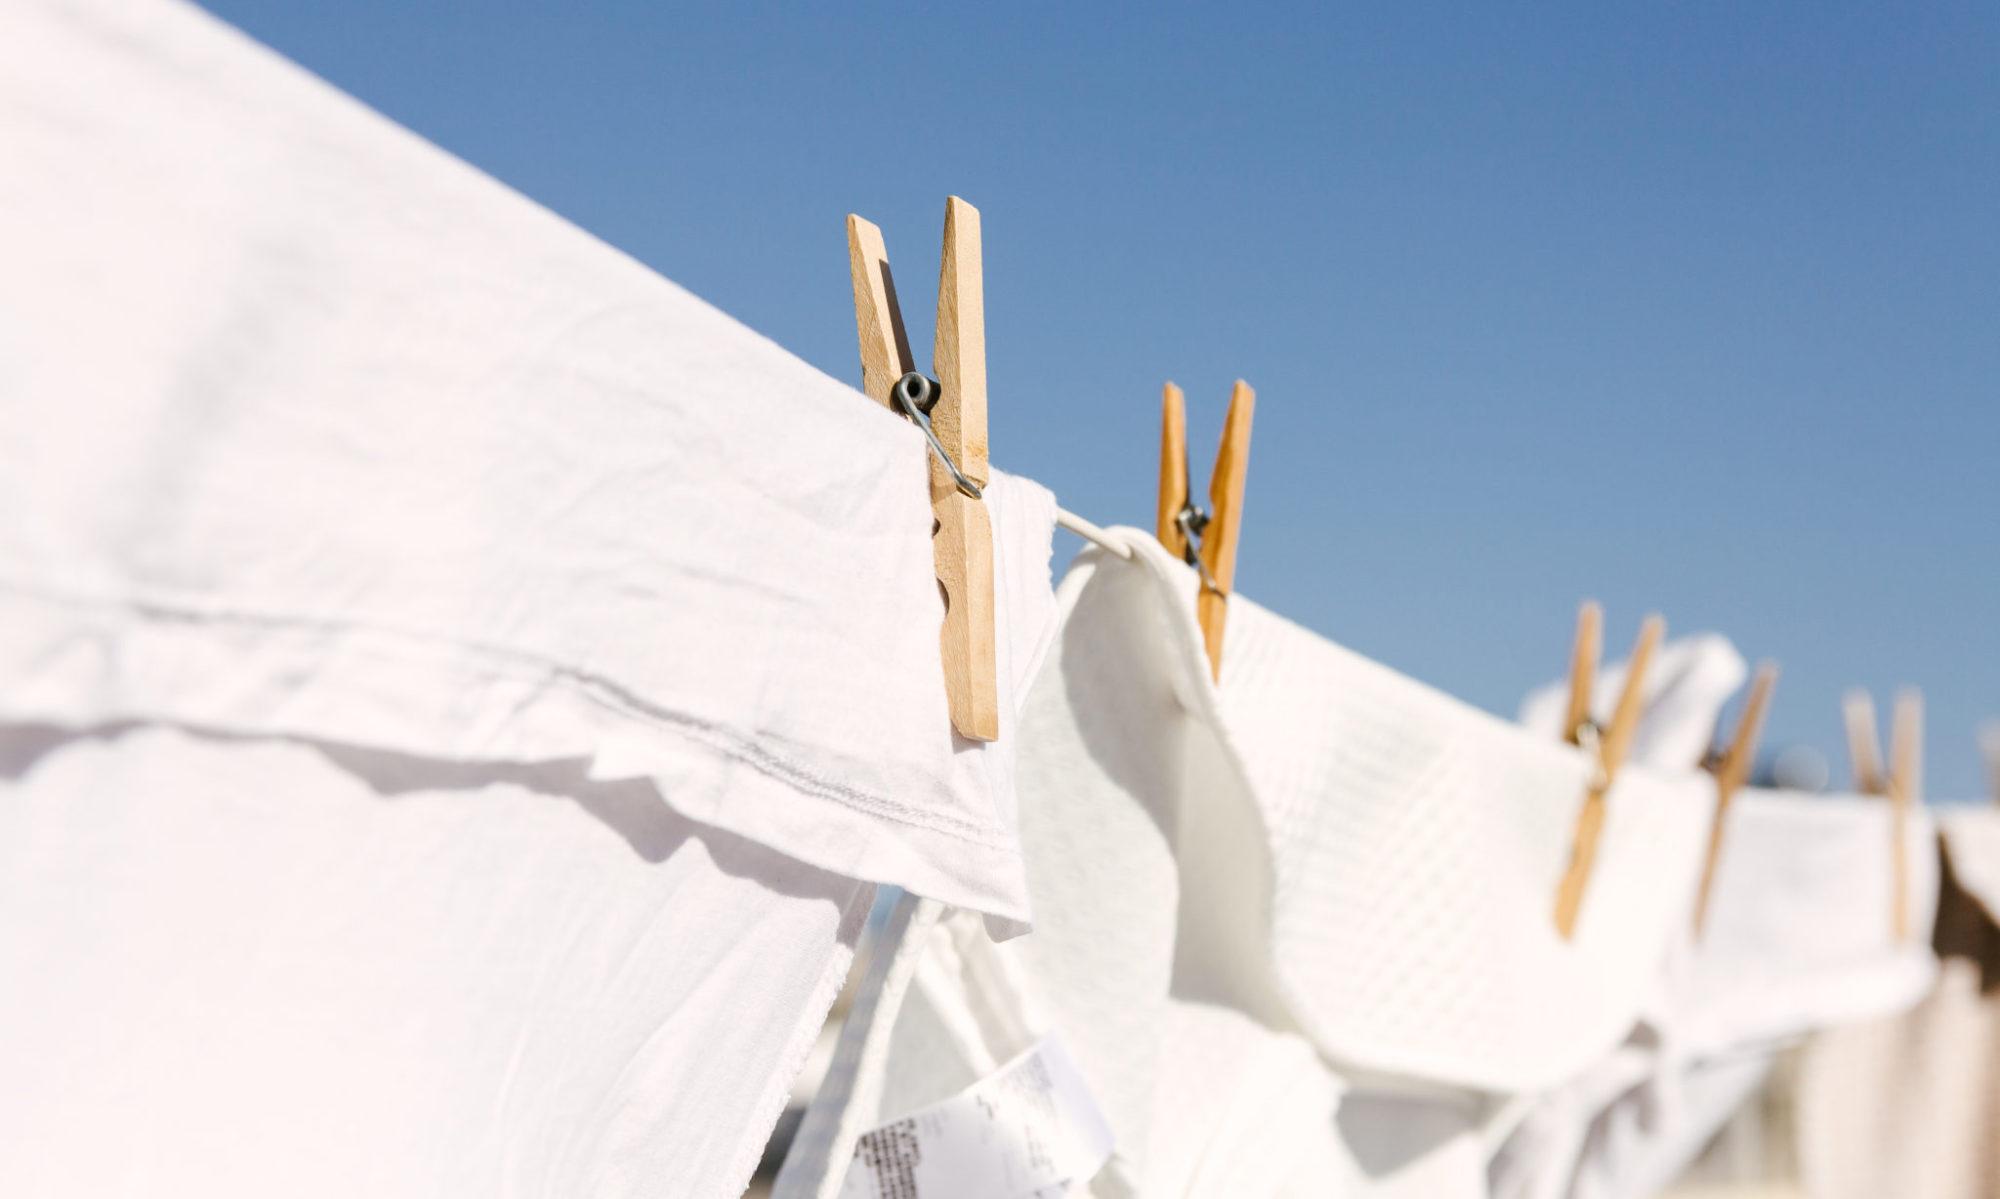 Čistírna oděvů a textilu Cleangreen Dobříš